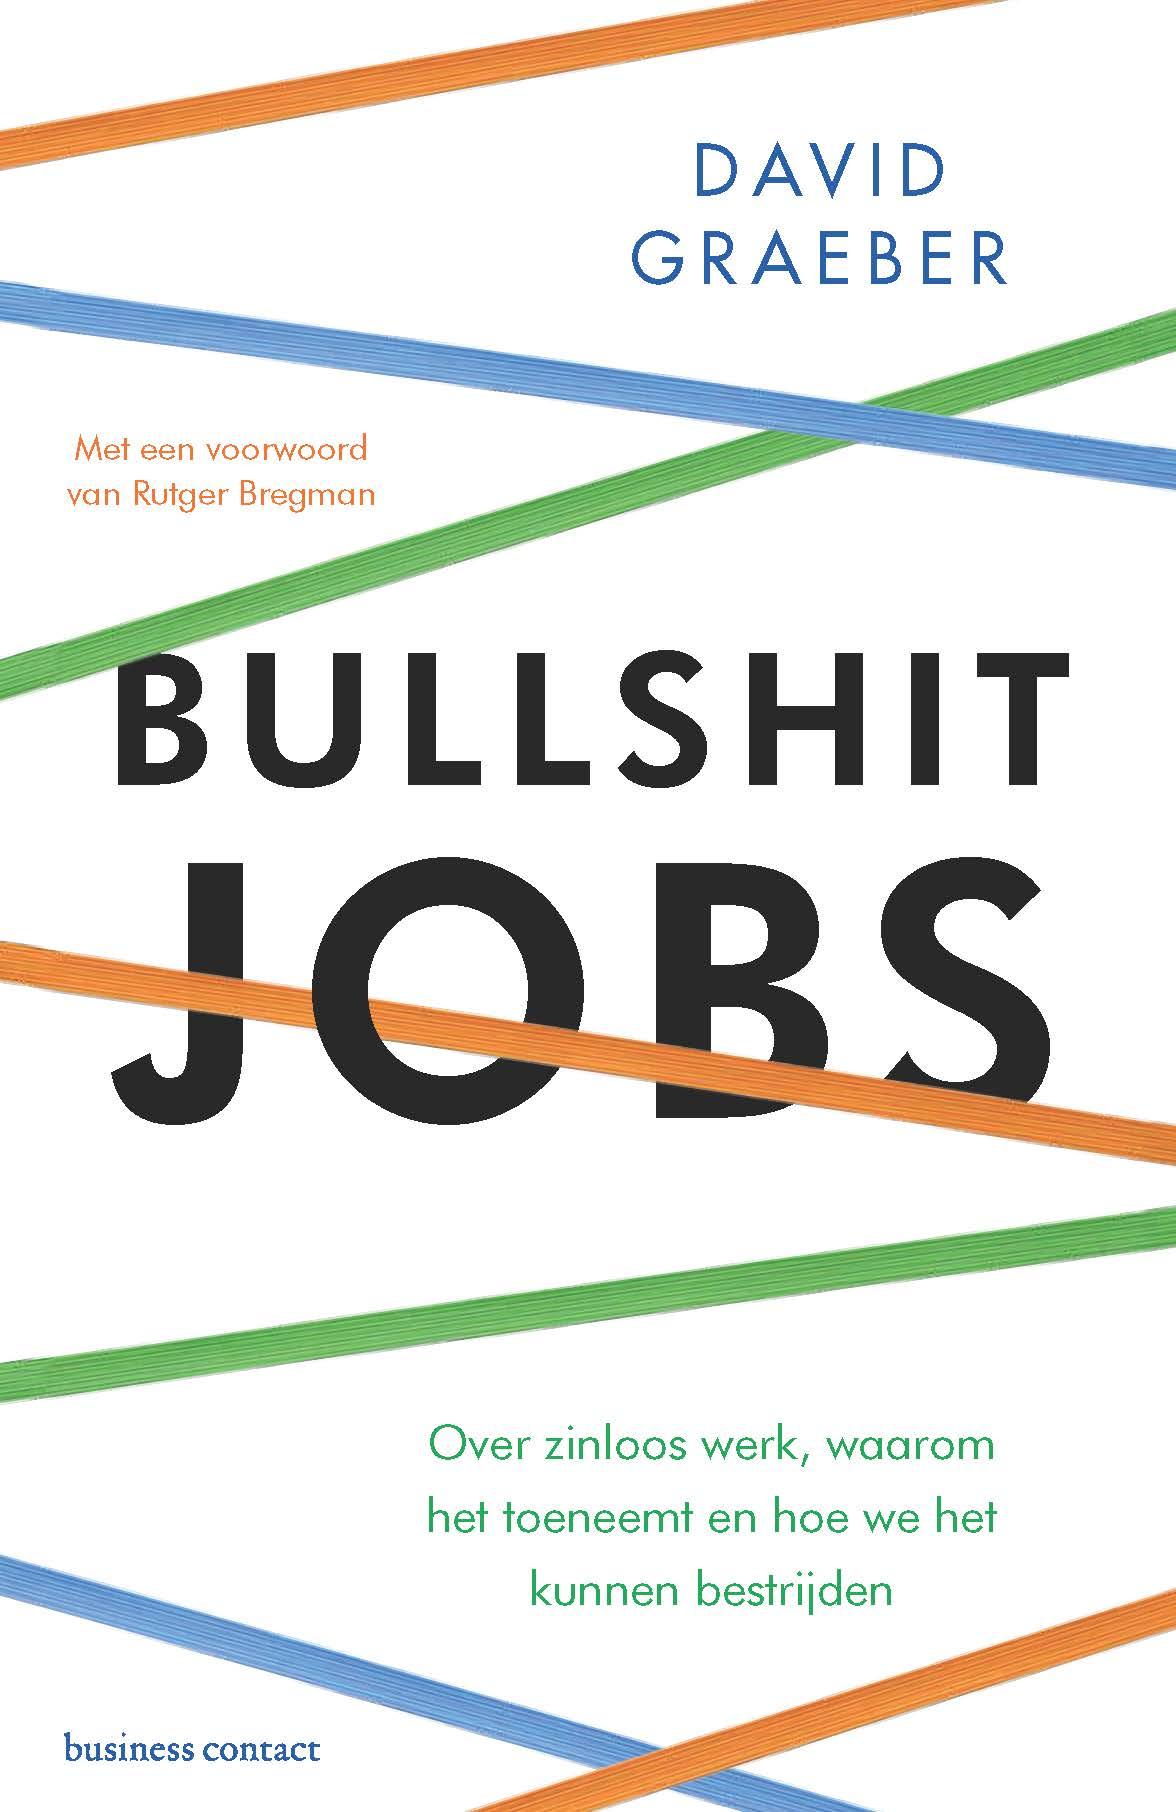 Bullshit jobs. Over zinloos werk, waarom het toeneemt en hoe we het kunnen bestrijden Boek omslag